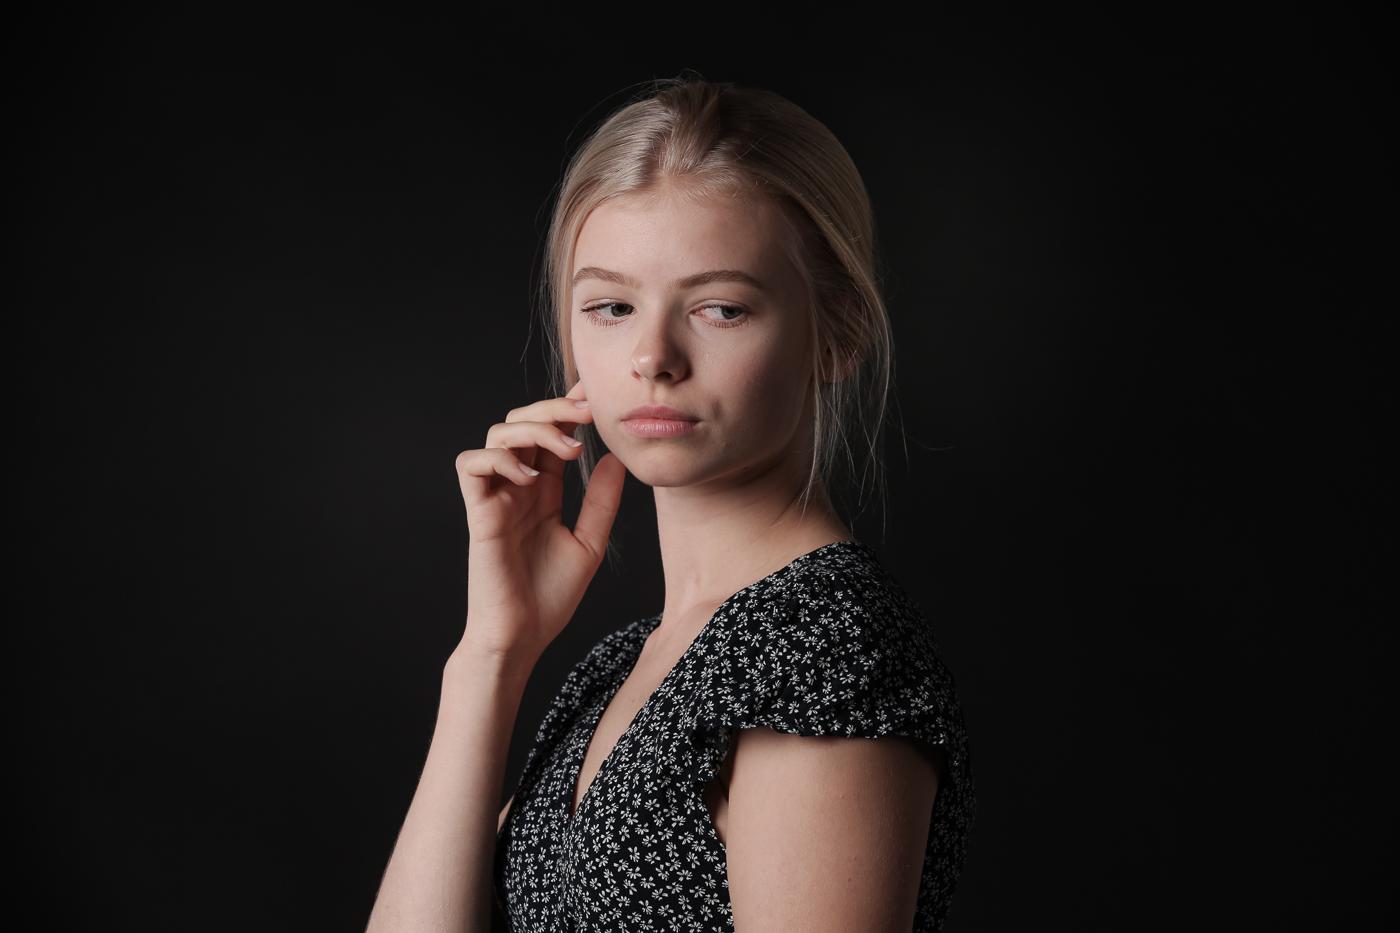 Modell shoot